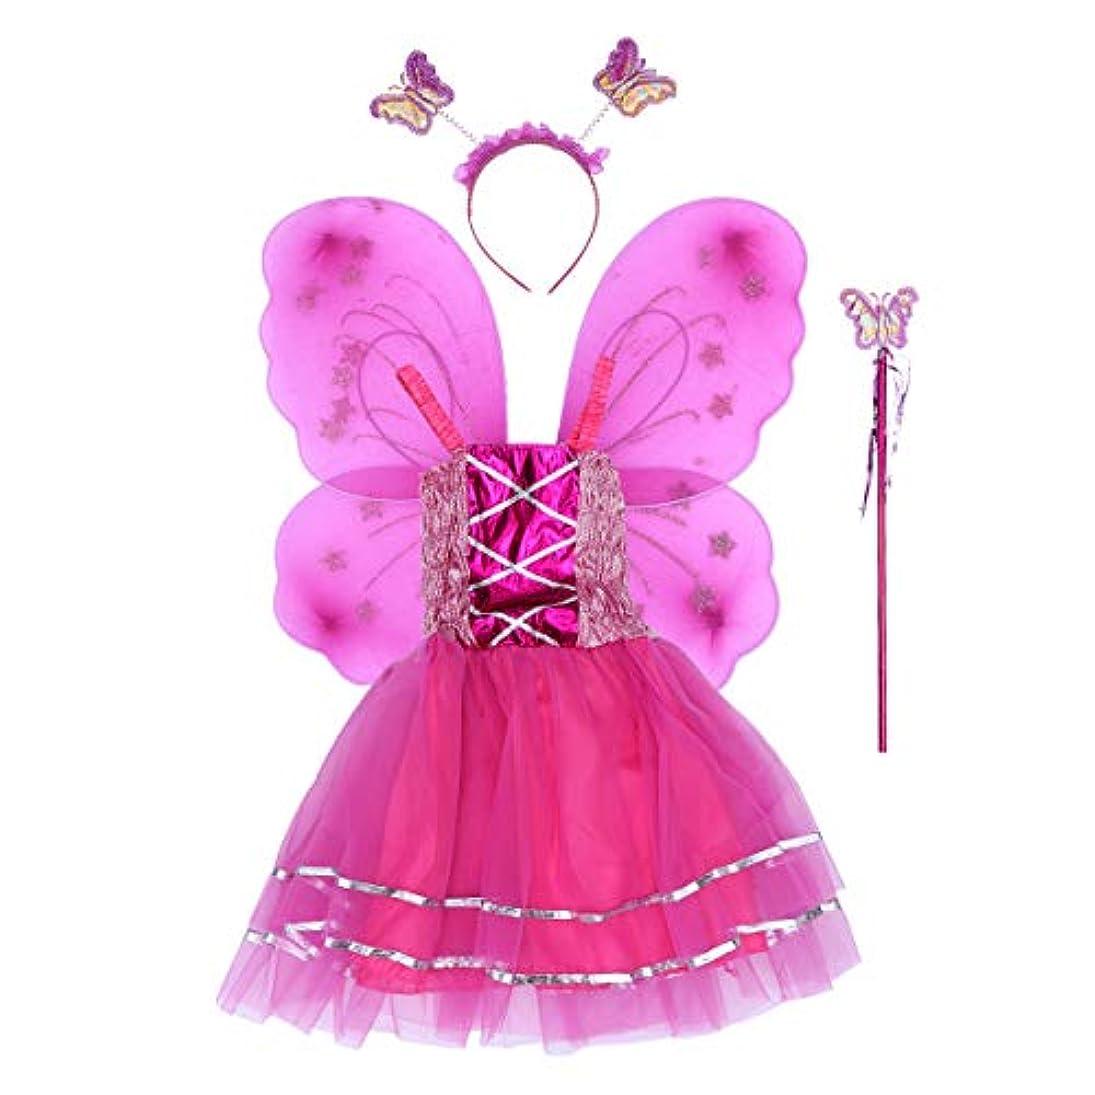 神社気づかない汚いBESTOYARD 4個の女の子バタフライプリンセス妖精のコスチュームセットバタフライウィング、ワンド、ヘッドバンドとツツードレス(ロージー)